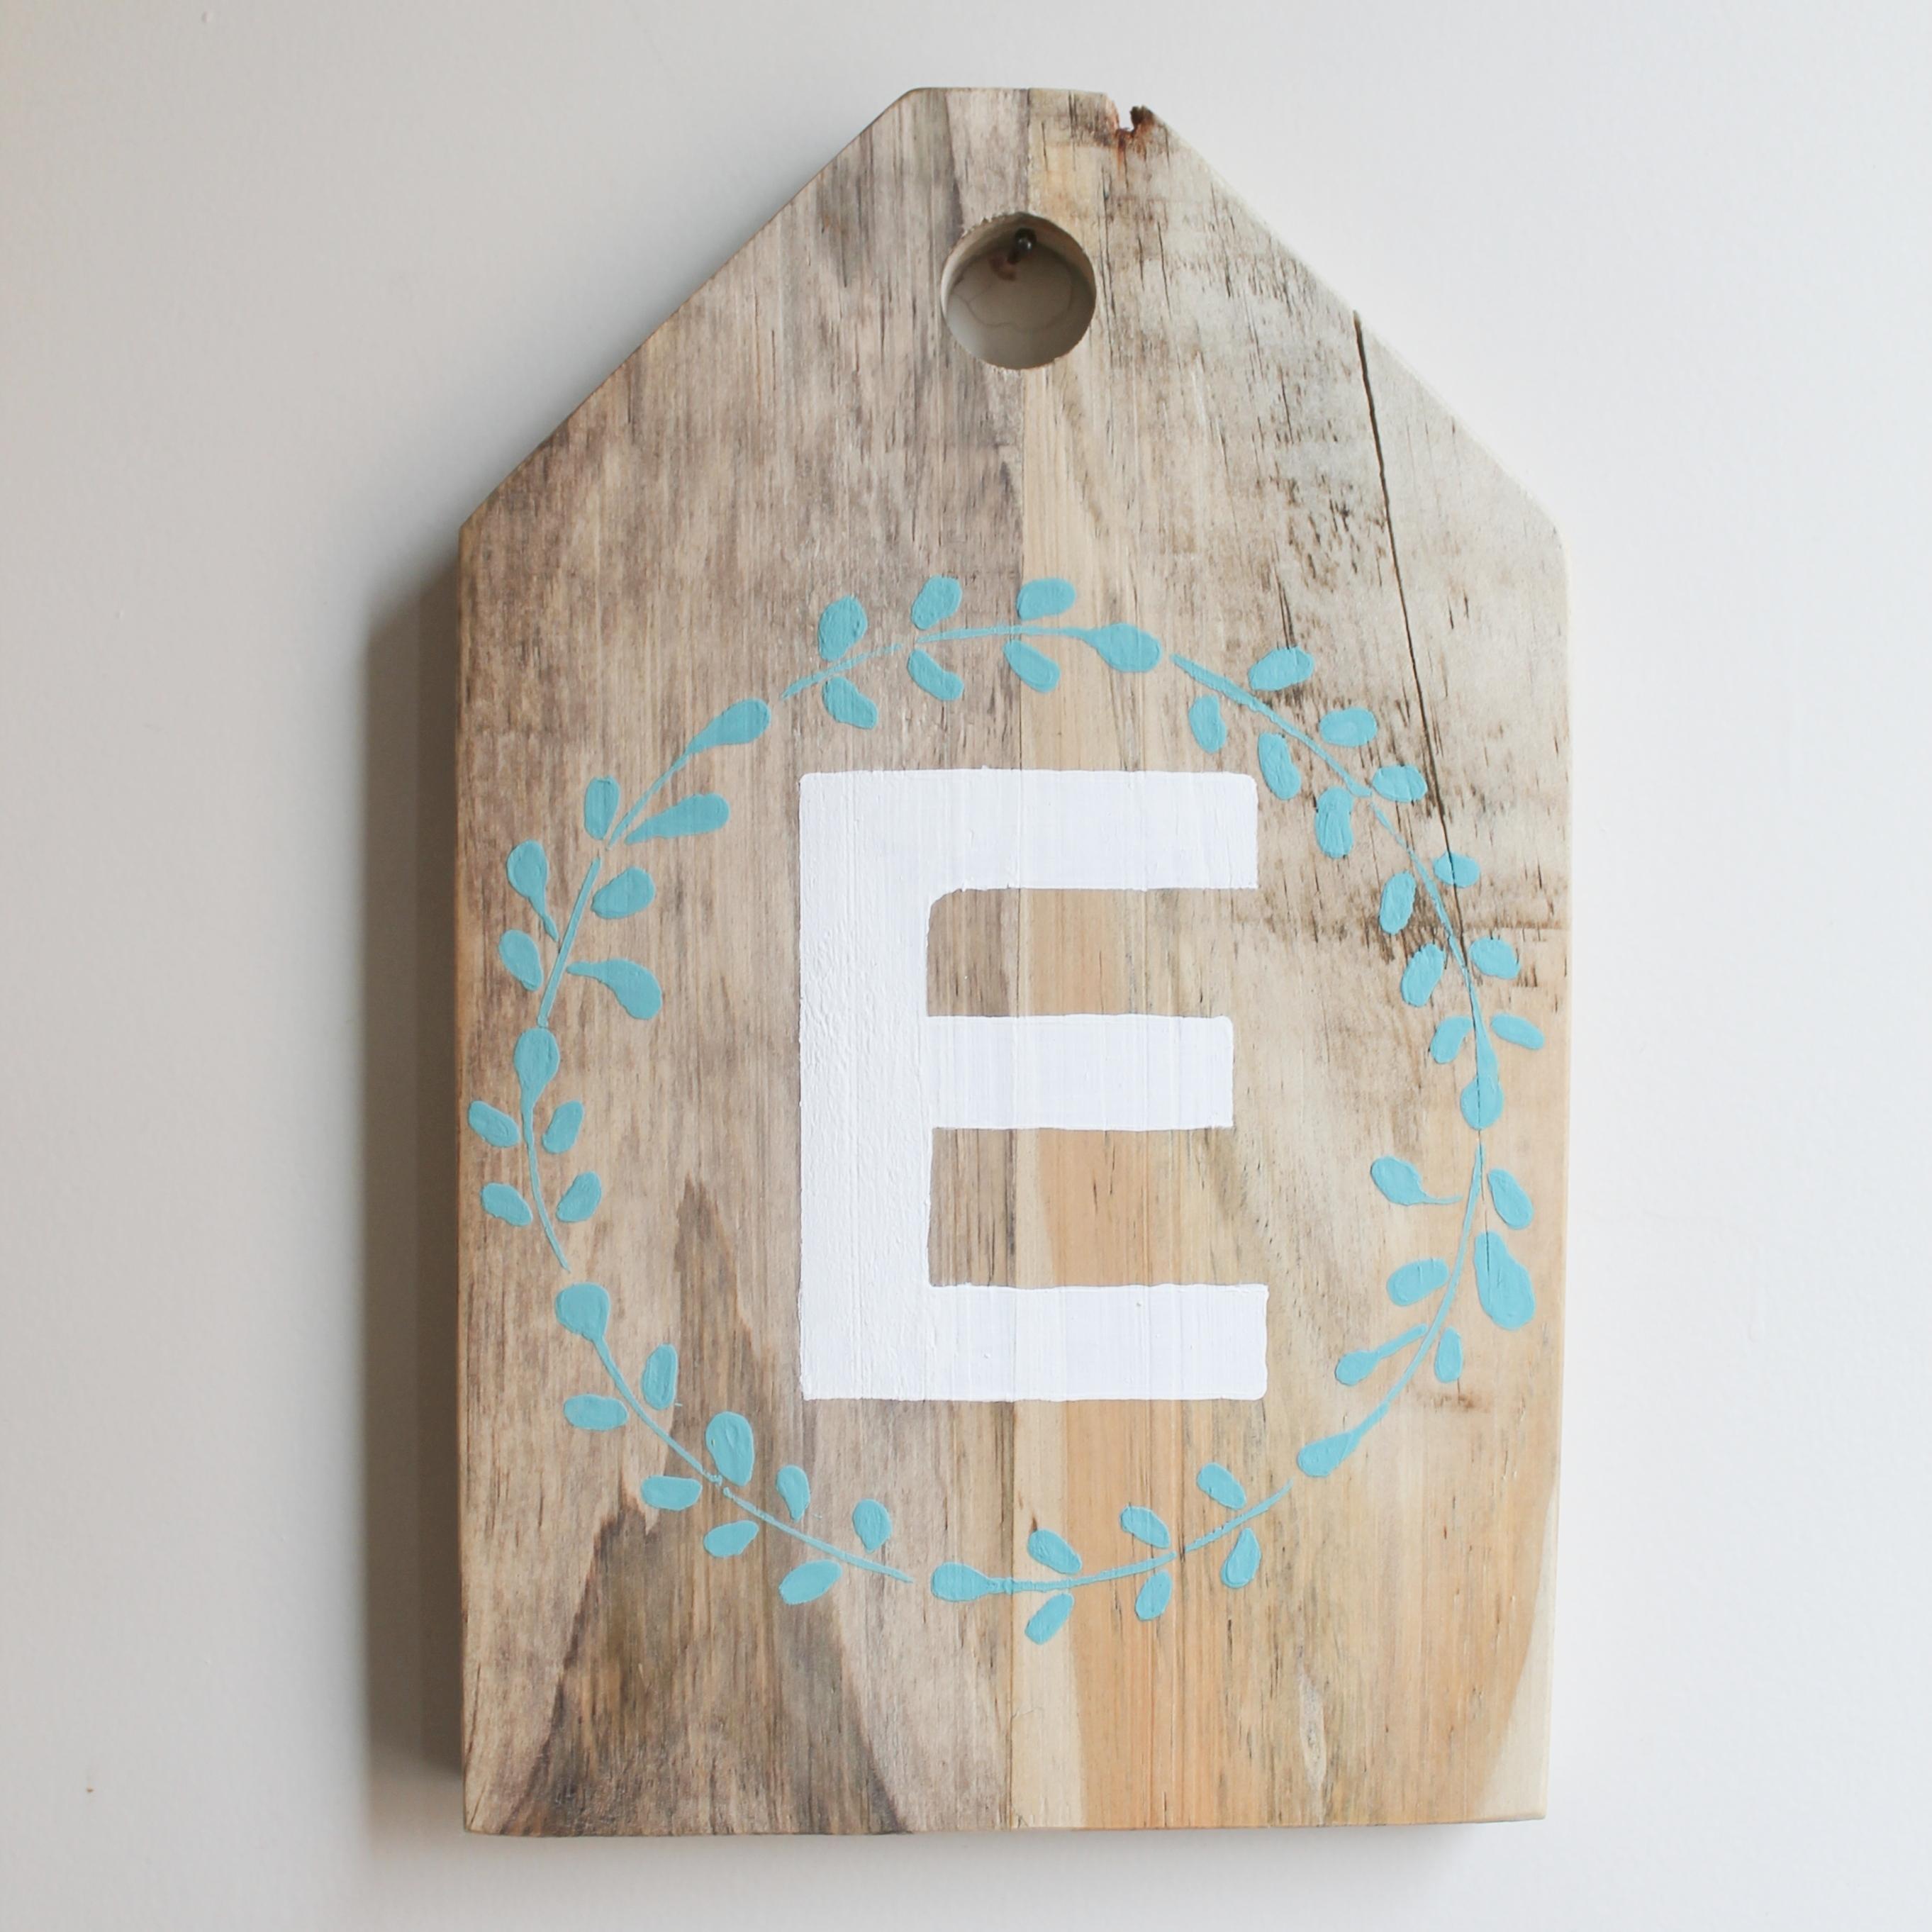 Eucalyptus Hoop themed HOME sign